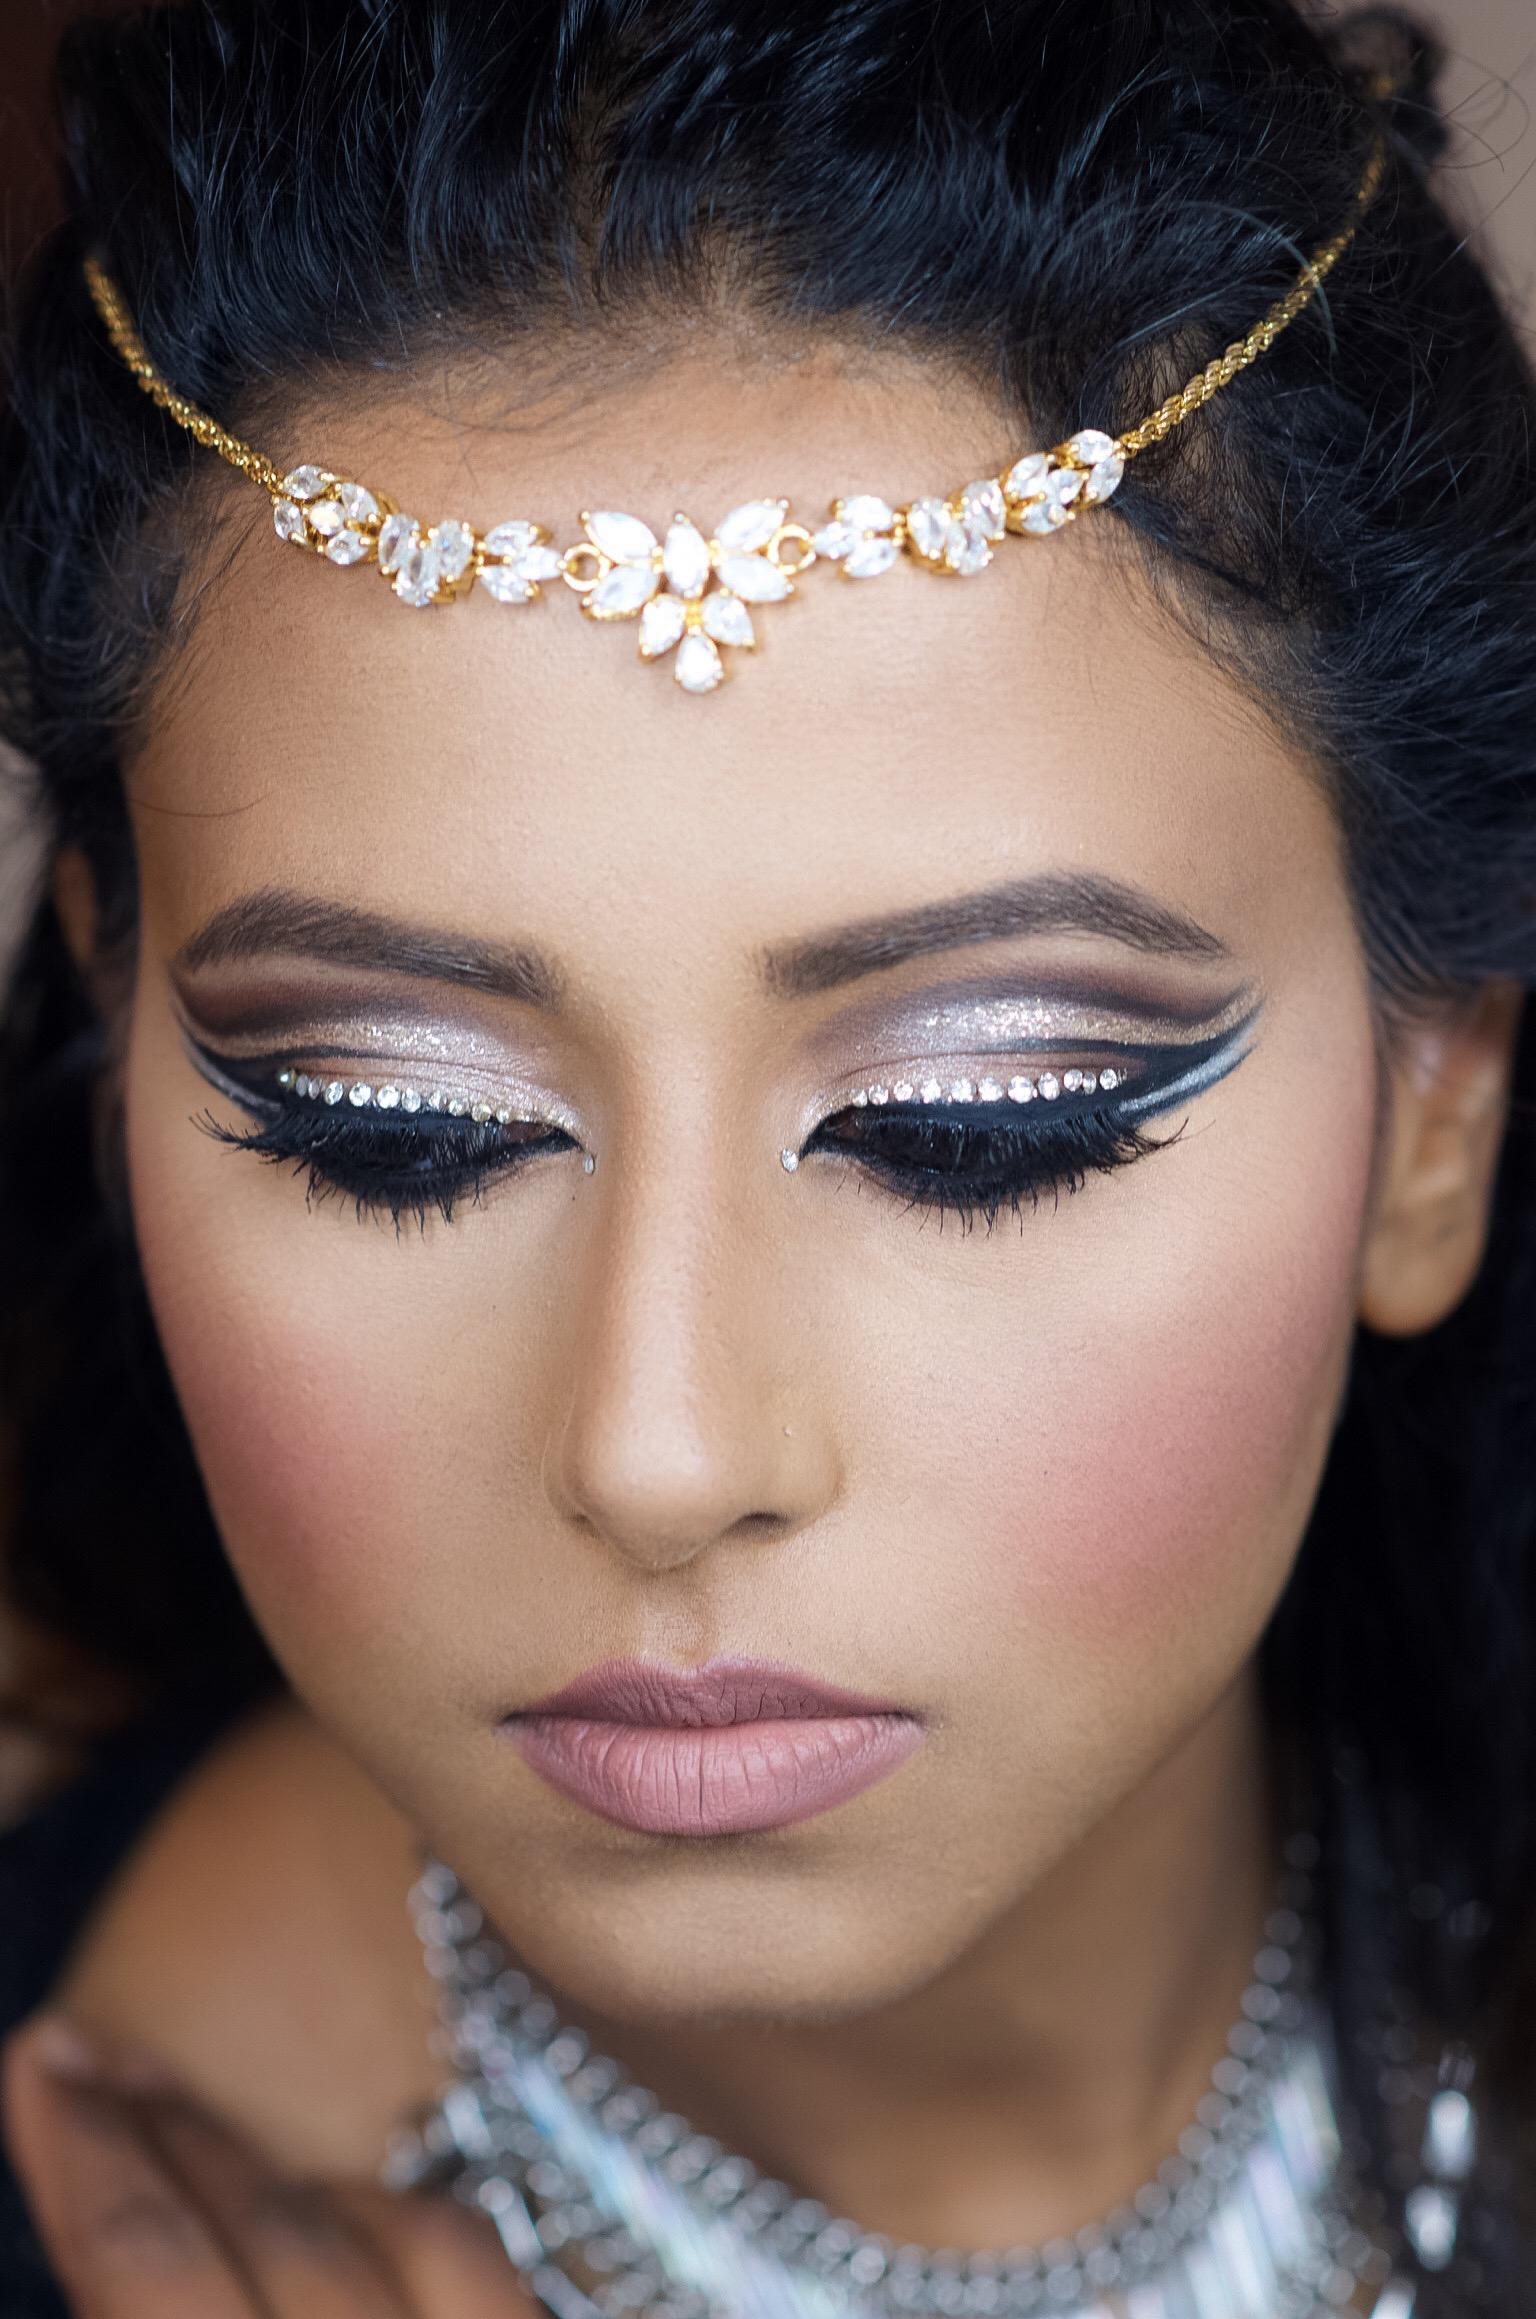 DOUBLE CUT CREASE BLING MAKEUP LOOK \u2013 Indian Bridal Makeup ...